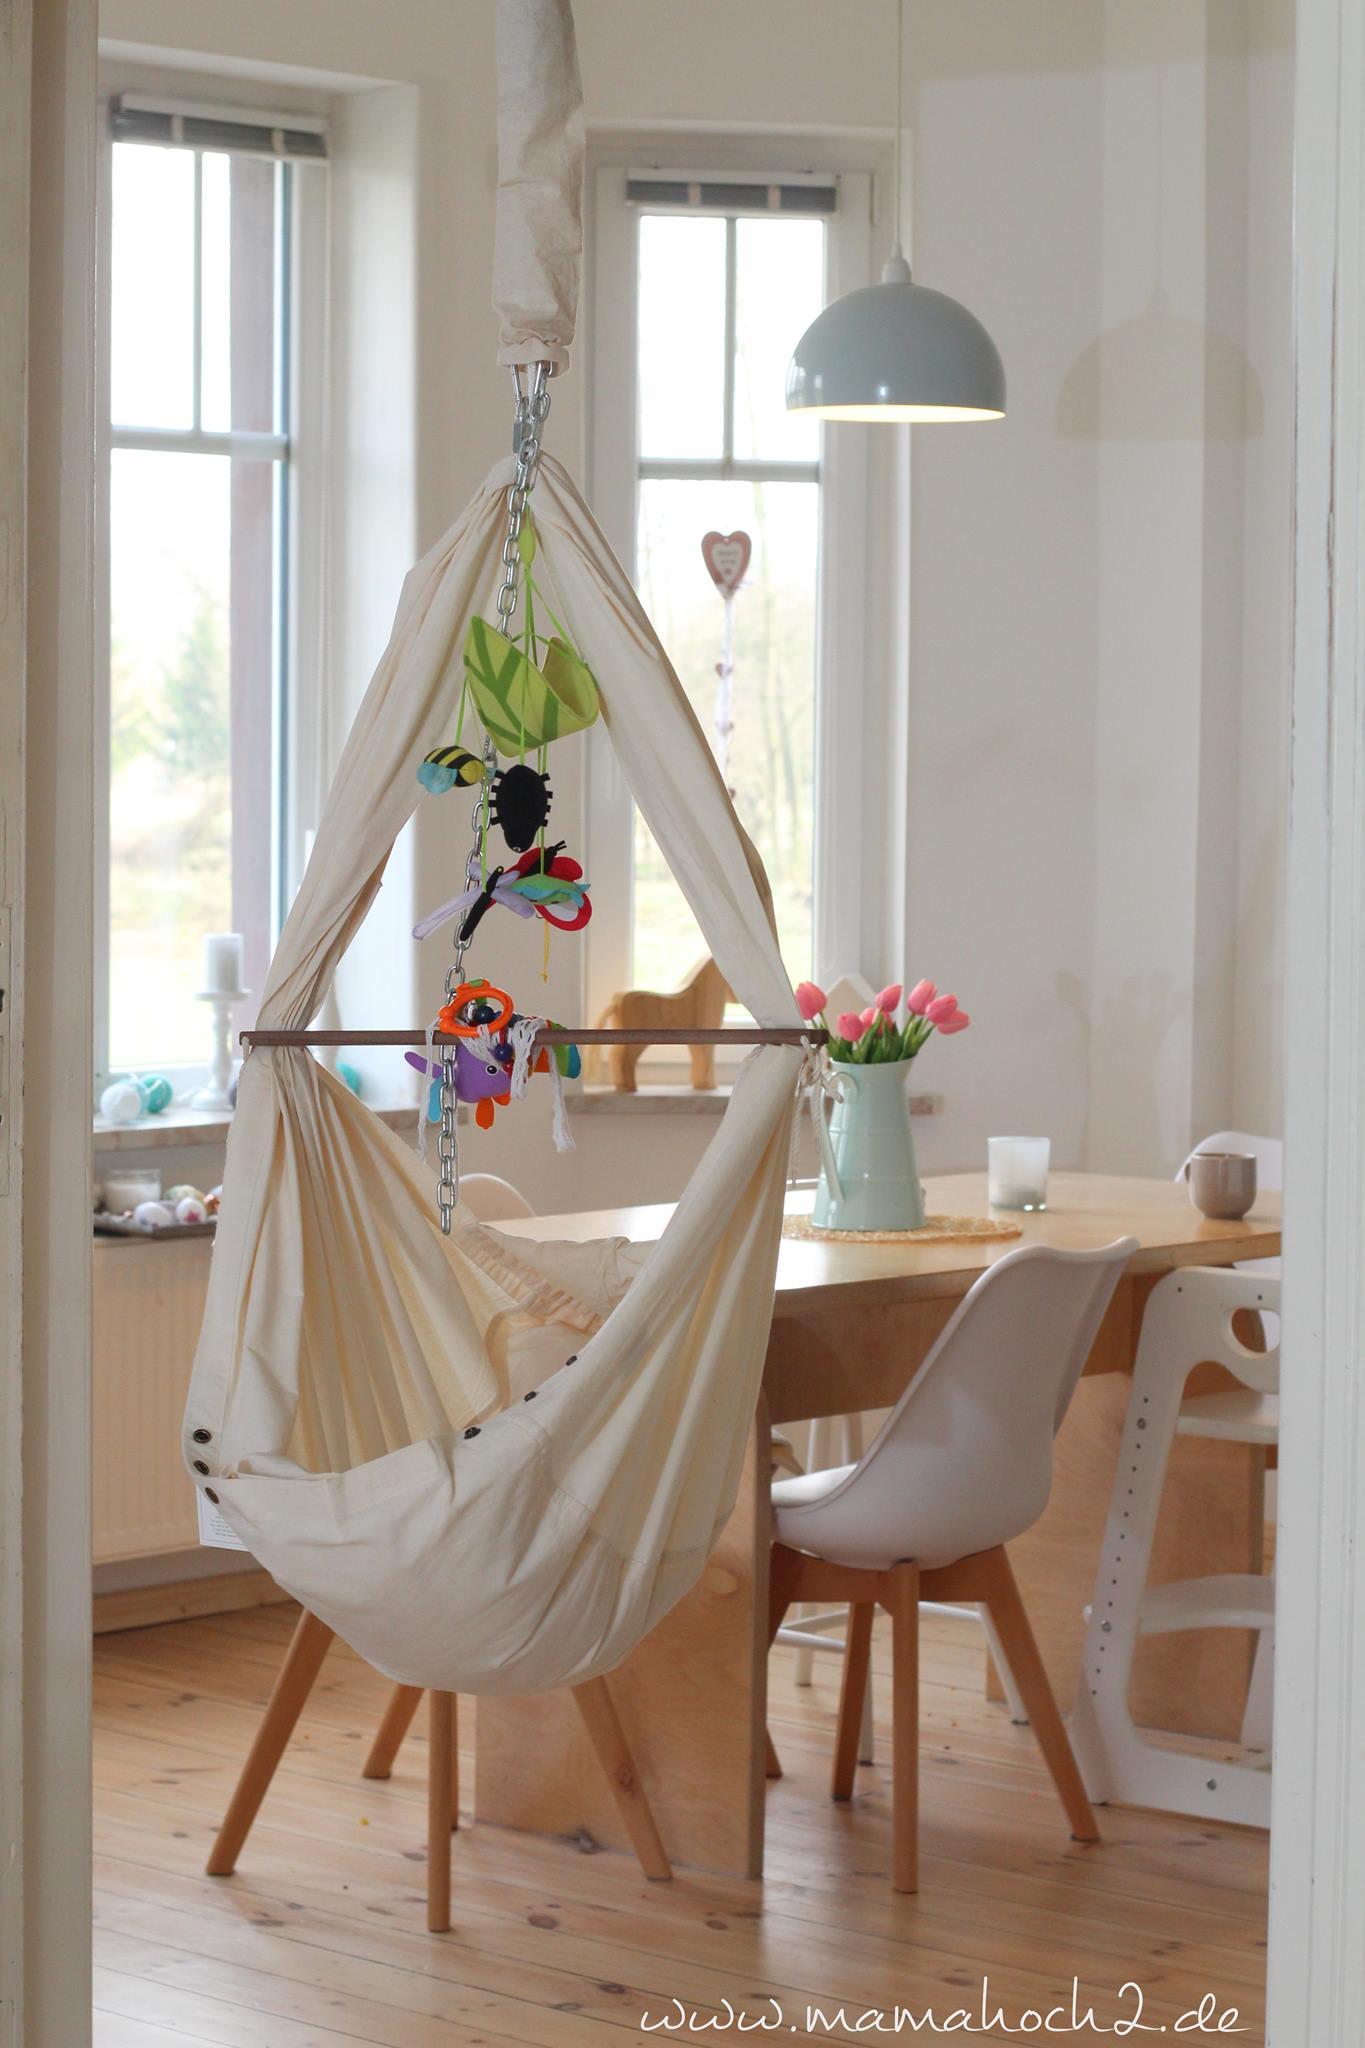 küche landhausküche familienküche landhaus skandinavisch diele kinderküche (3) nonomo